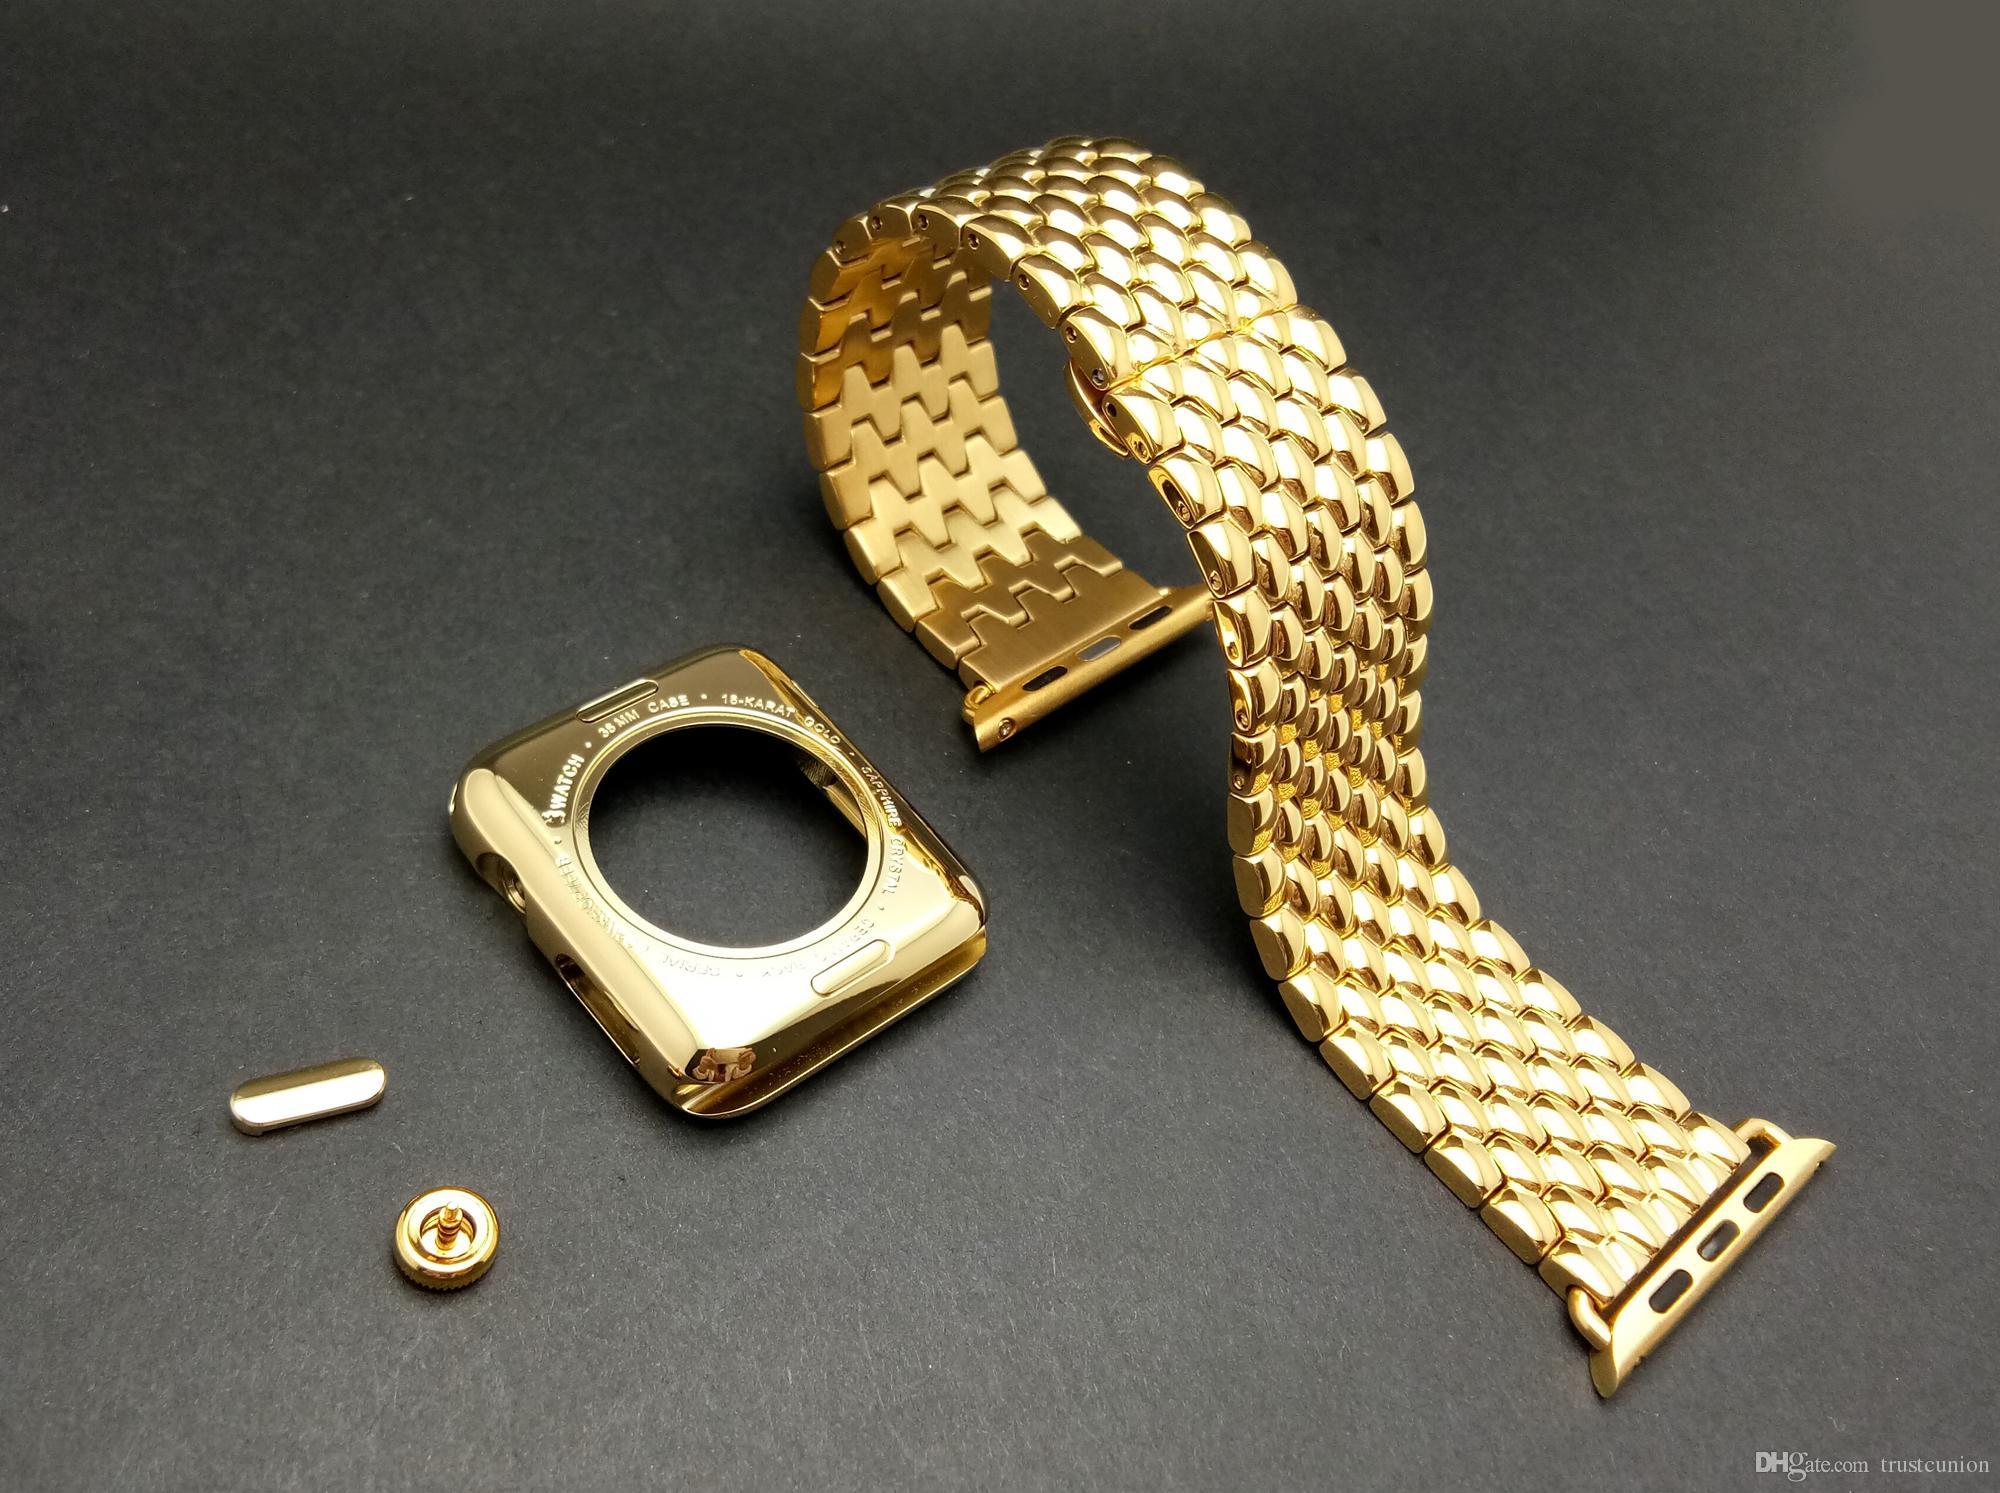 24 K banhado a ouro de Aço Inoxidável Ouro Médio quadro caixa de Relógio + Ouro de Aço Inoxidável Faixa de Relógio para Apple Watch S1 42 MM Frete Grátis